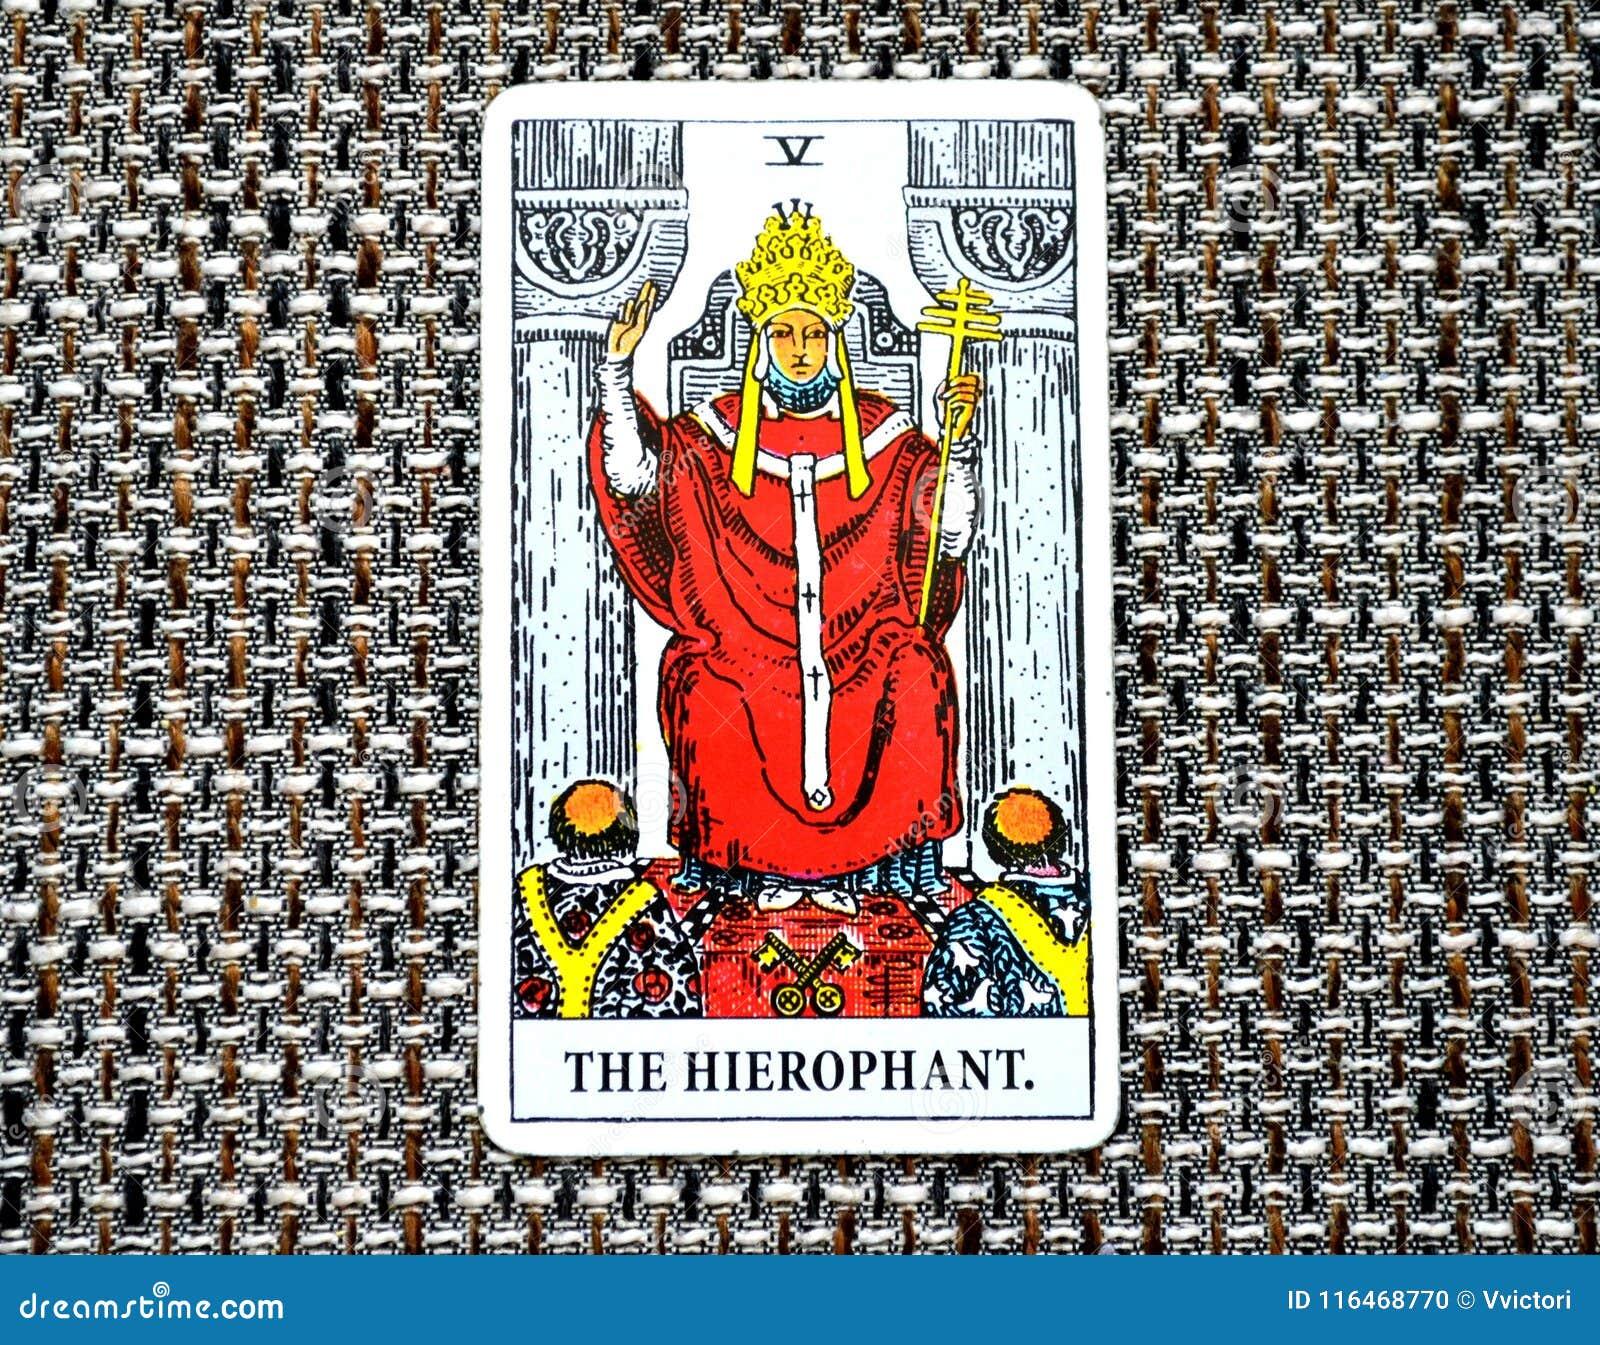 El ccult de Guru de la tradición de la educación de las instituciones de la carta de tarot de Hierophant